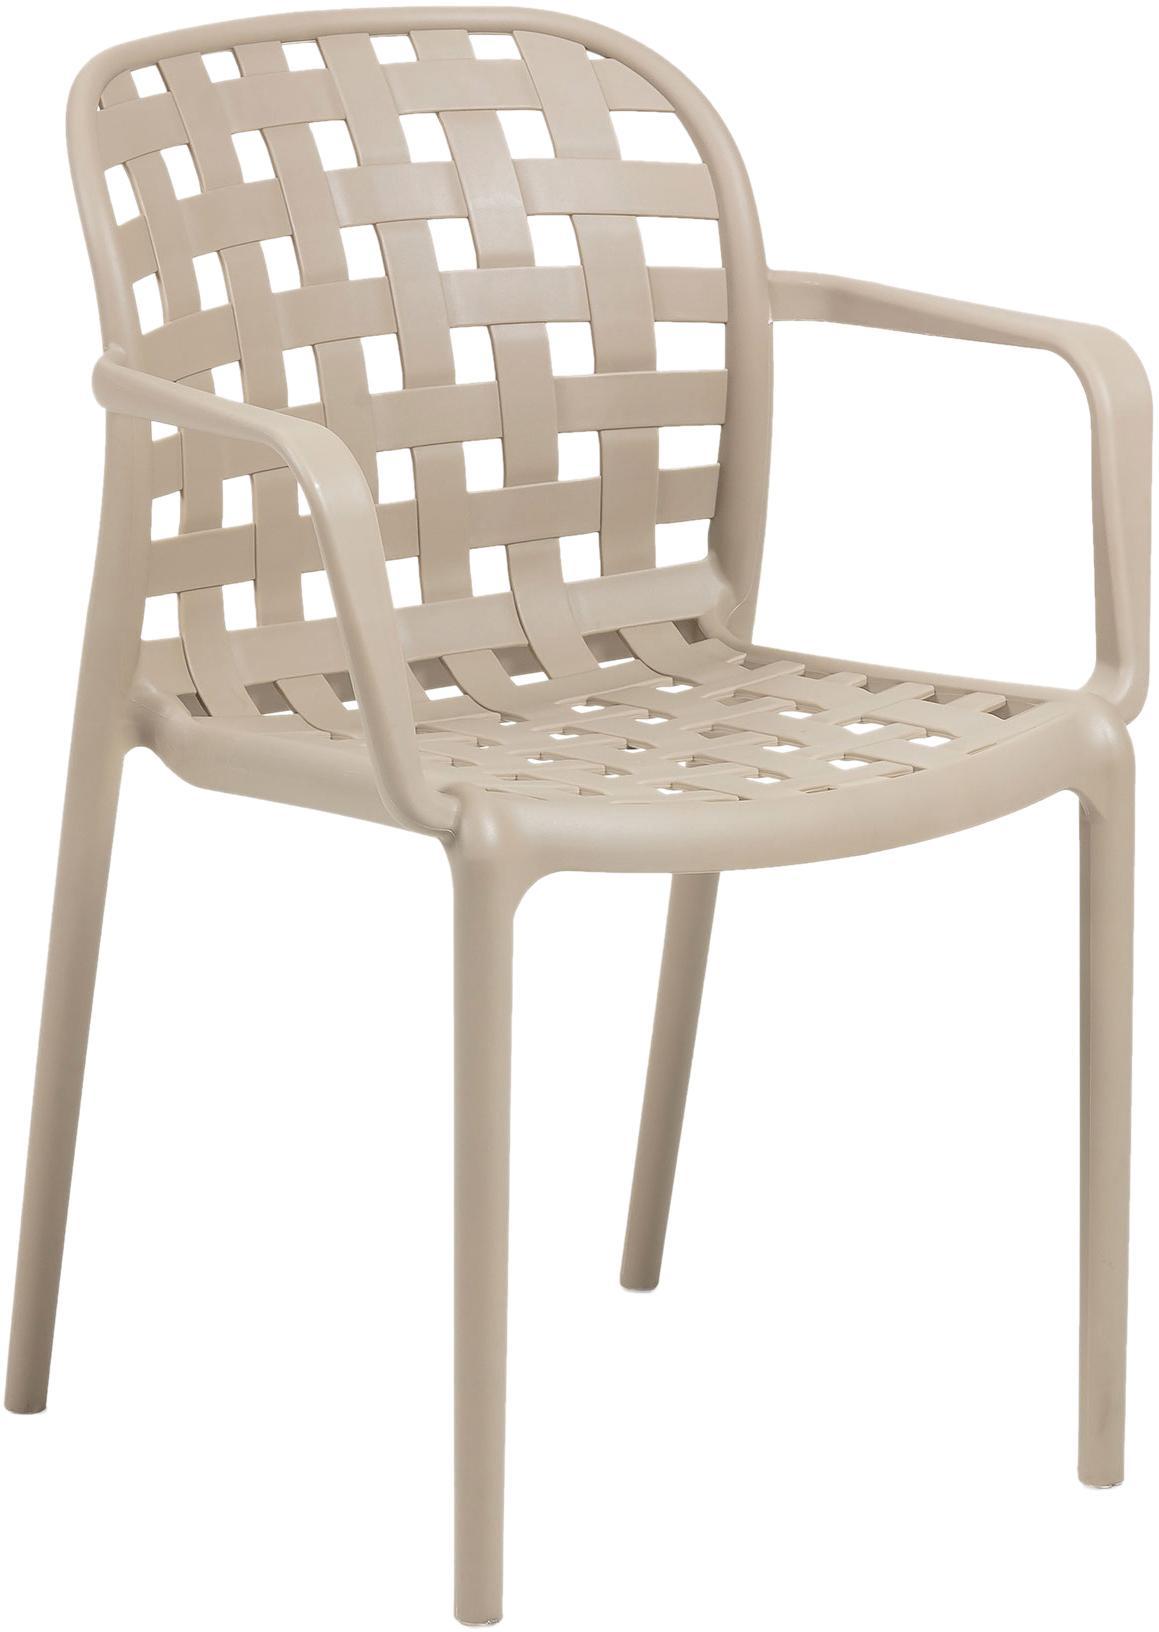 Krzesło ogrodowe składane z tworzywa sztucznego Isa, 2 szt., Tworzywo sztuczne, Beżowy, S 58 x G 58 cm